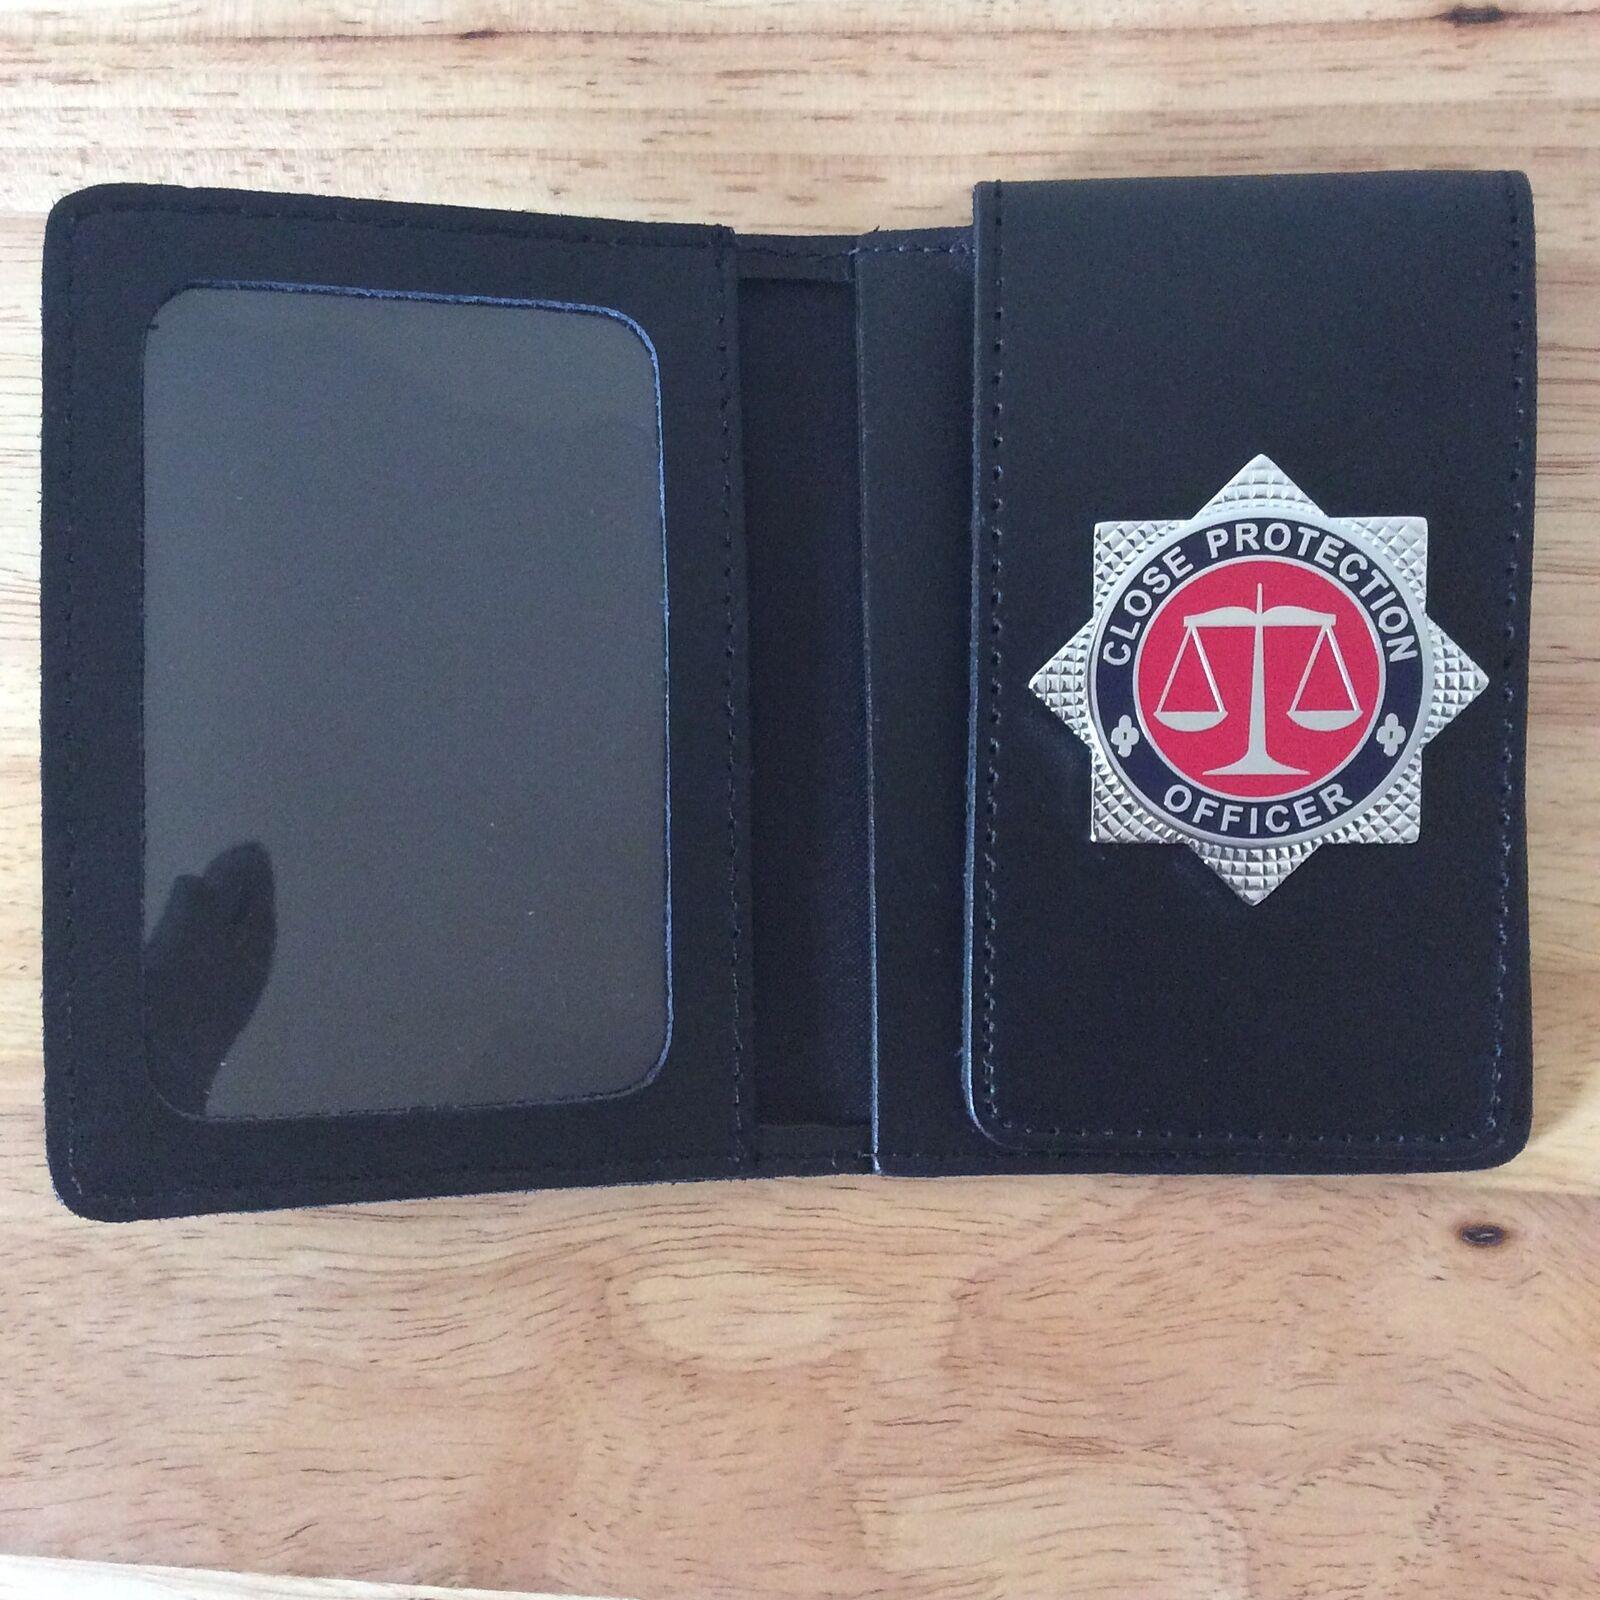 Warrant card wallets R us